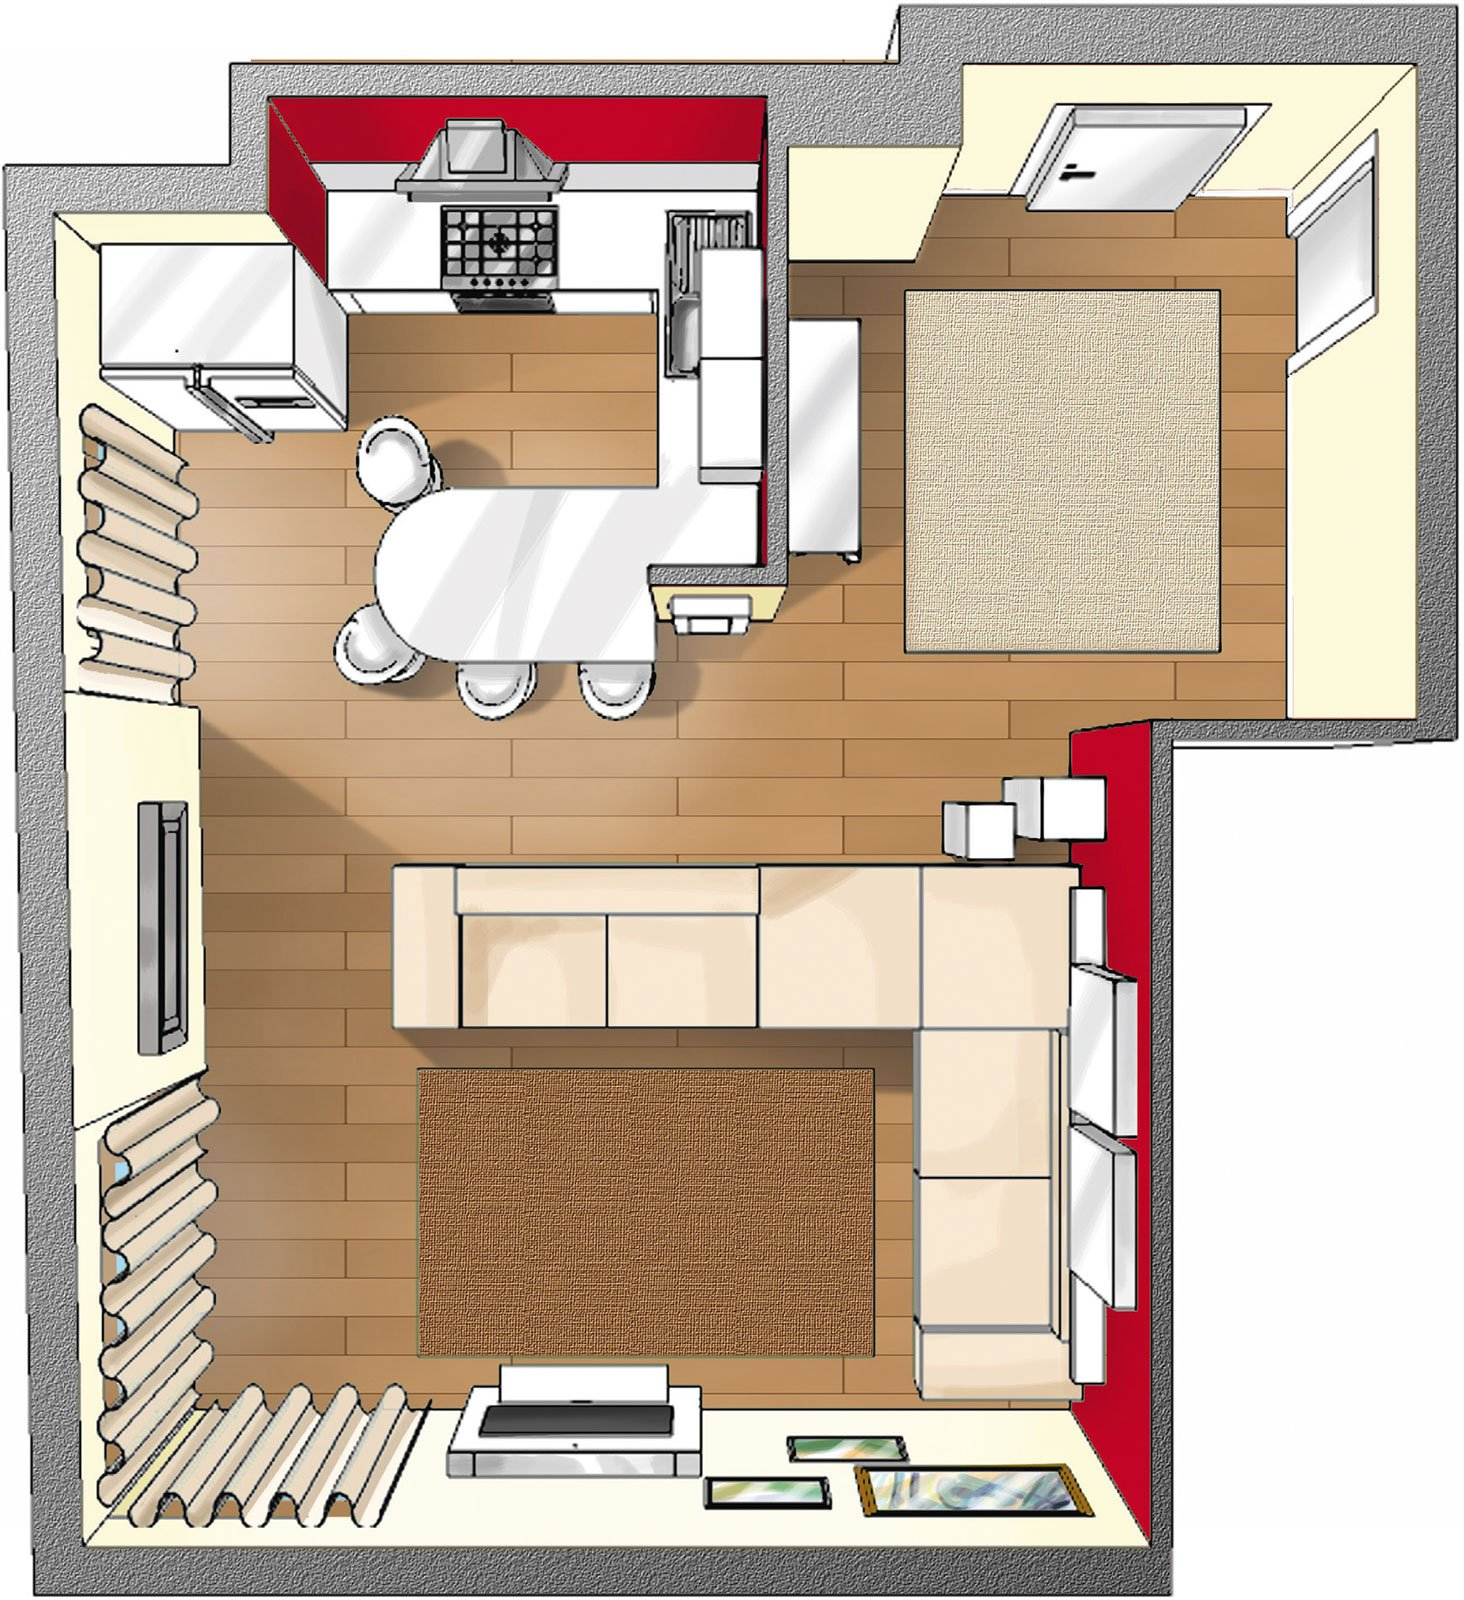 Ingresso aperto sul soggiorno idee da copiare cose di casa - Idee da copiare per arredare casa ...